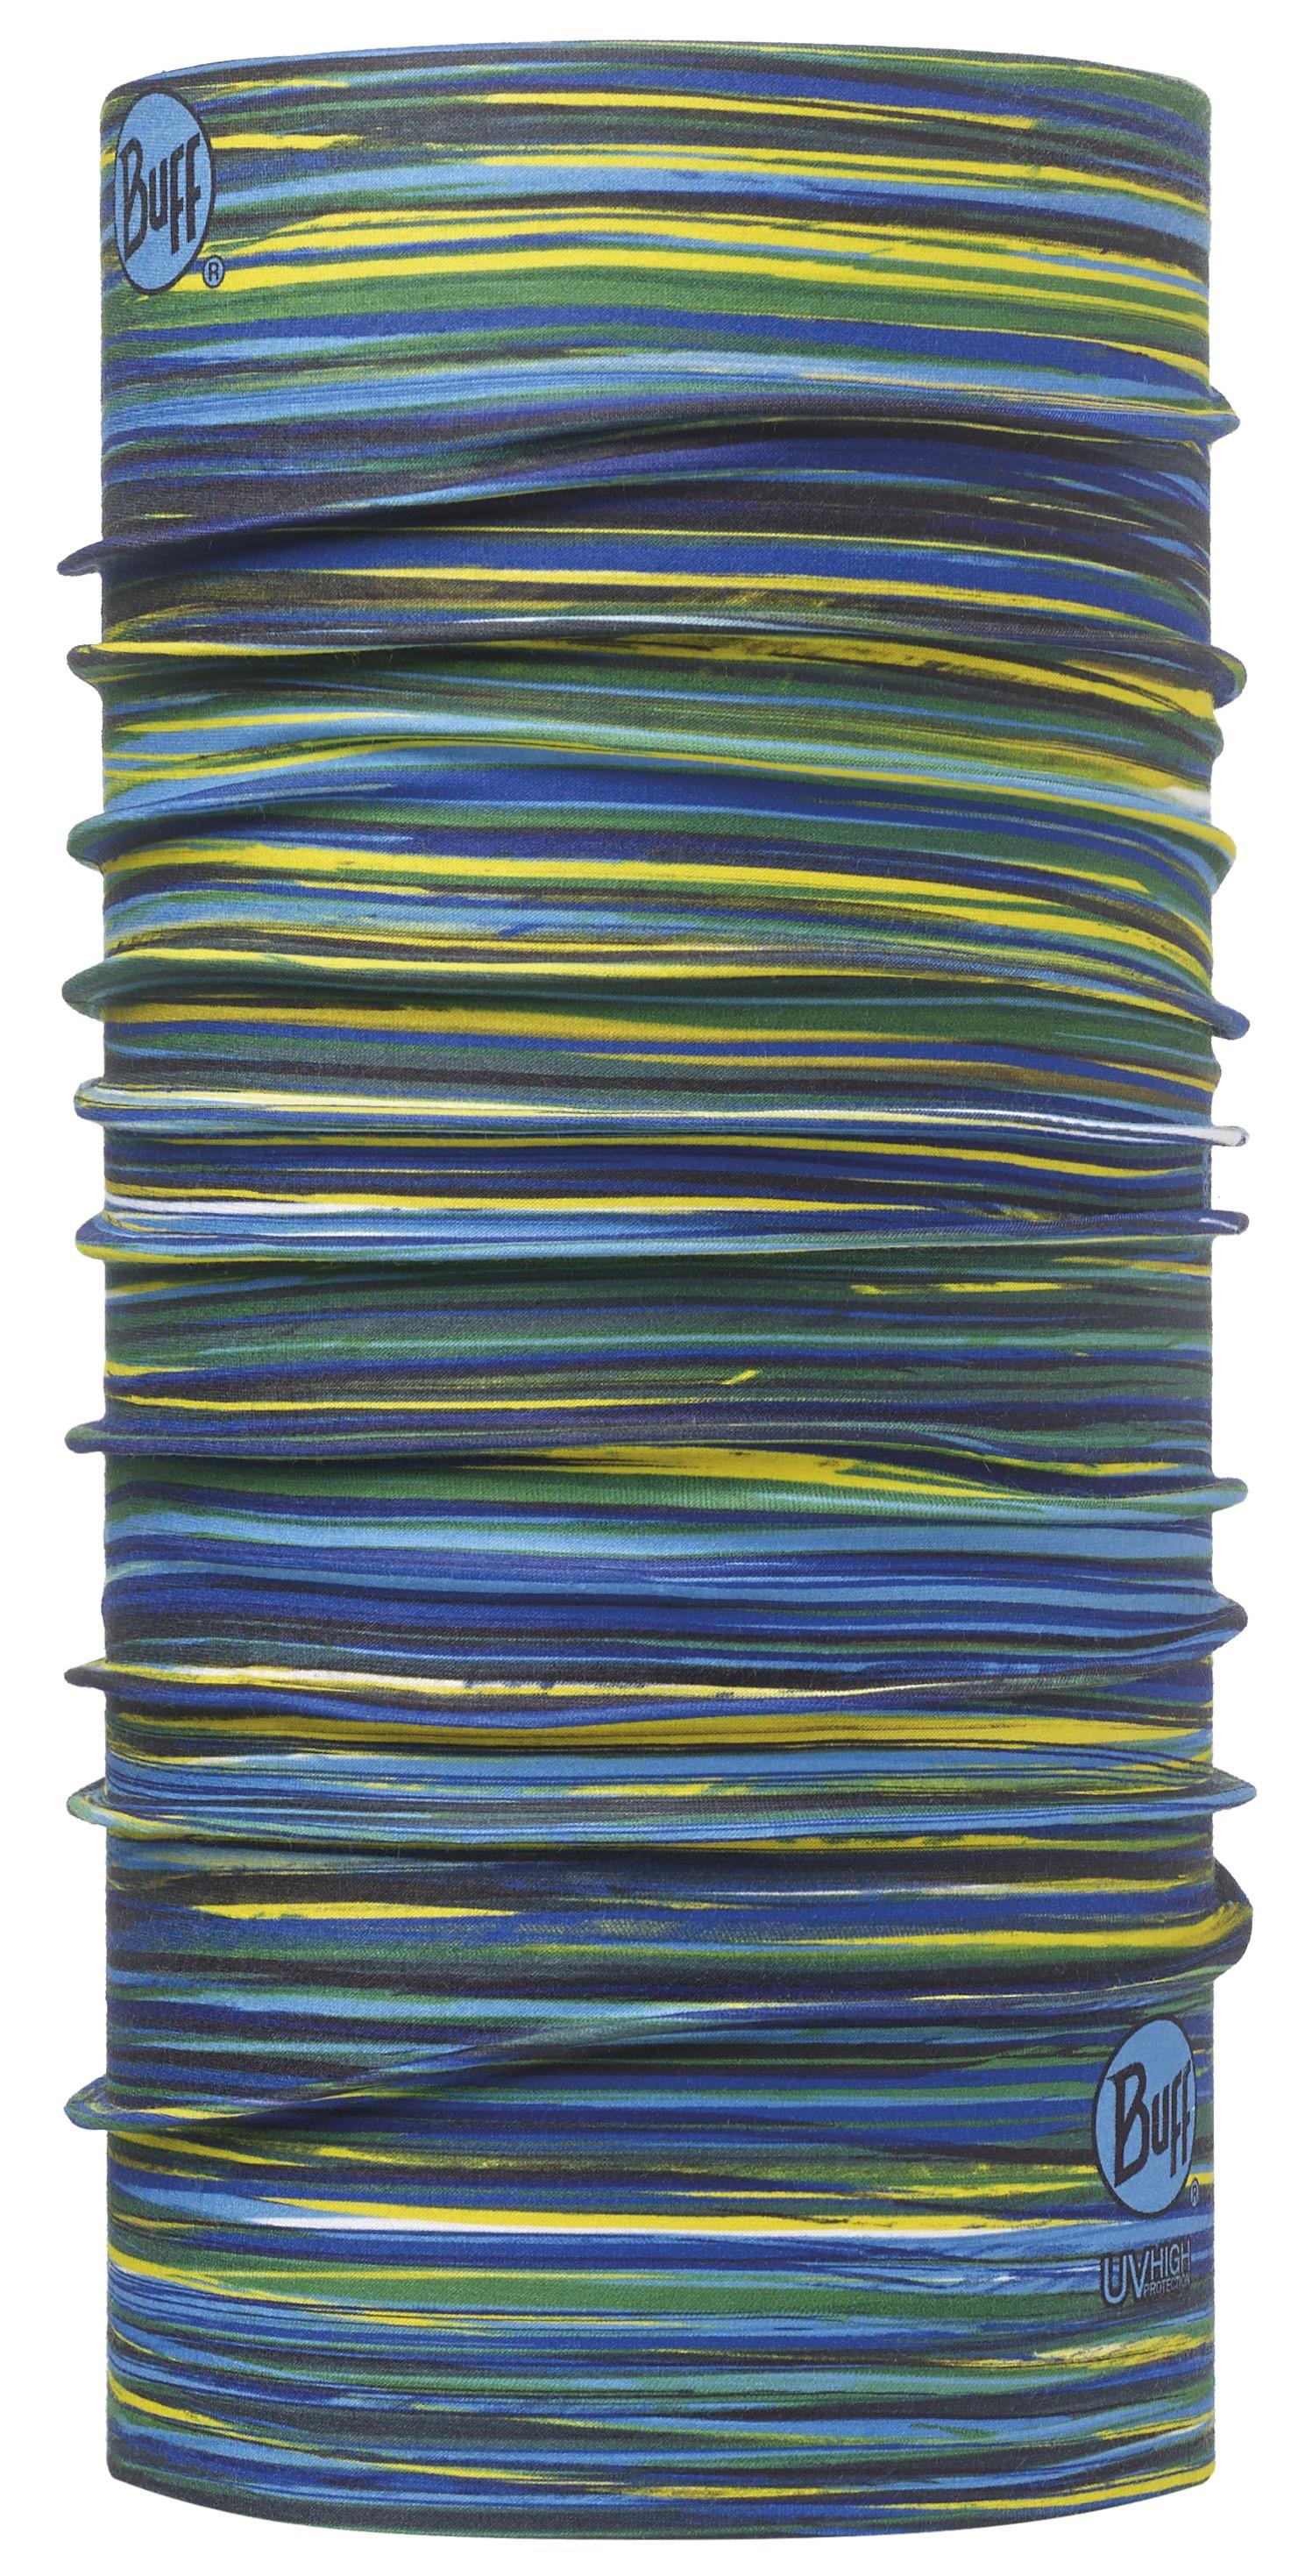 Бандана Buff HIGH UV PROTECTION jabe blue, 111444.707.10.00  - купить со скидкой